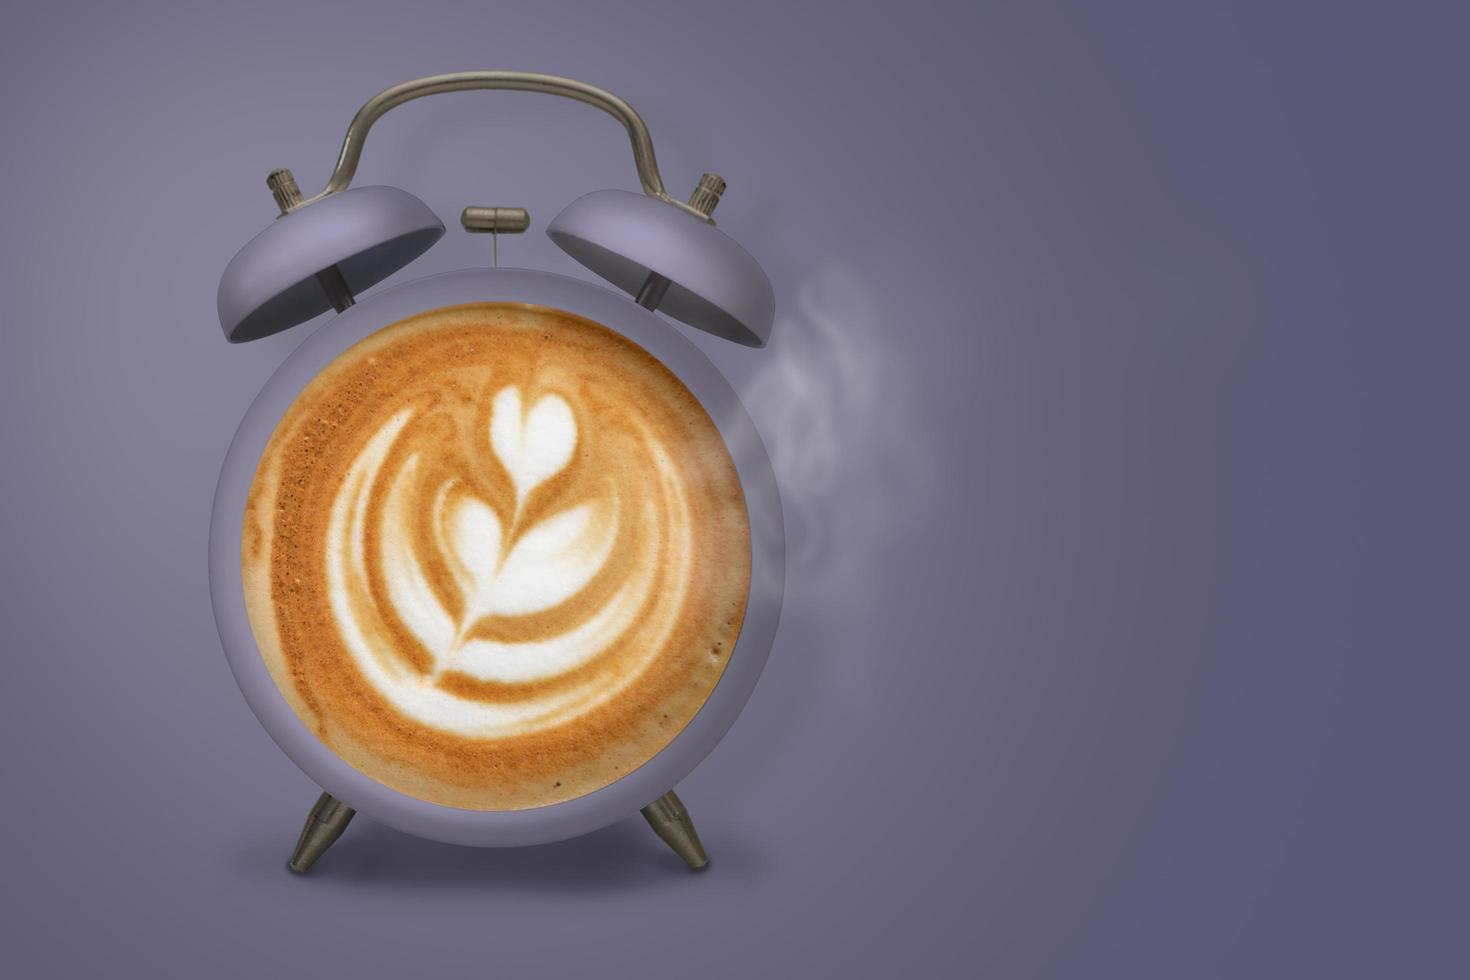 café caliente con espuma espumosa y vapor en reloj despertador morado foto